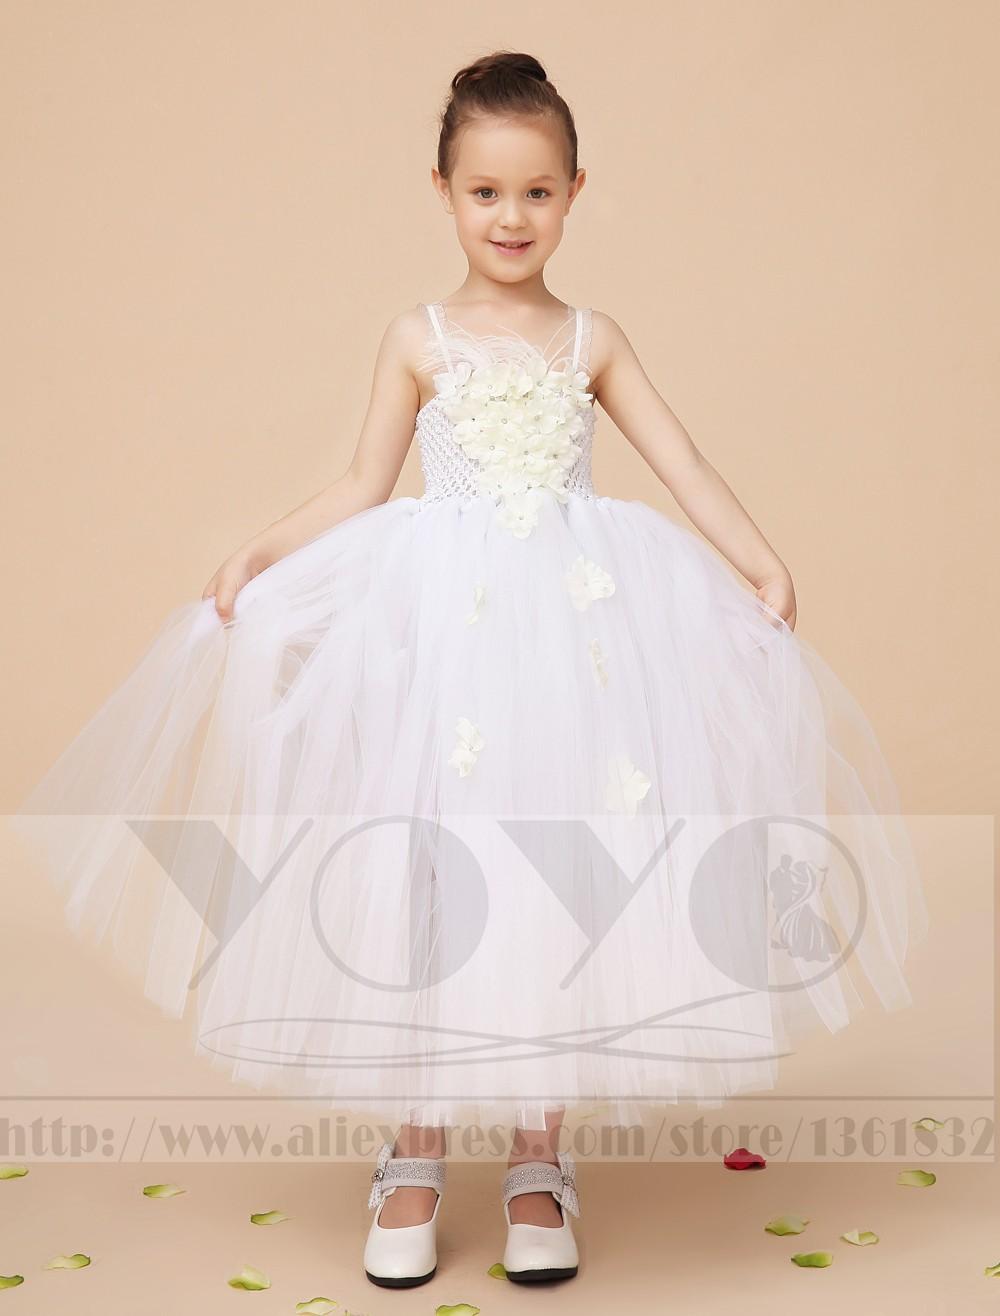 Скидки на Мода кот маленькие девочки принцесса платья с аппликациями элегантный формальные свадебное цветок платья дети театрализованное платья